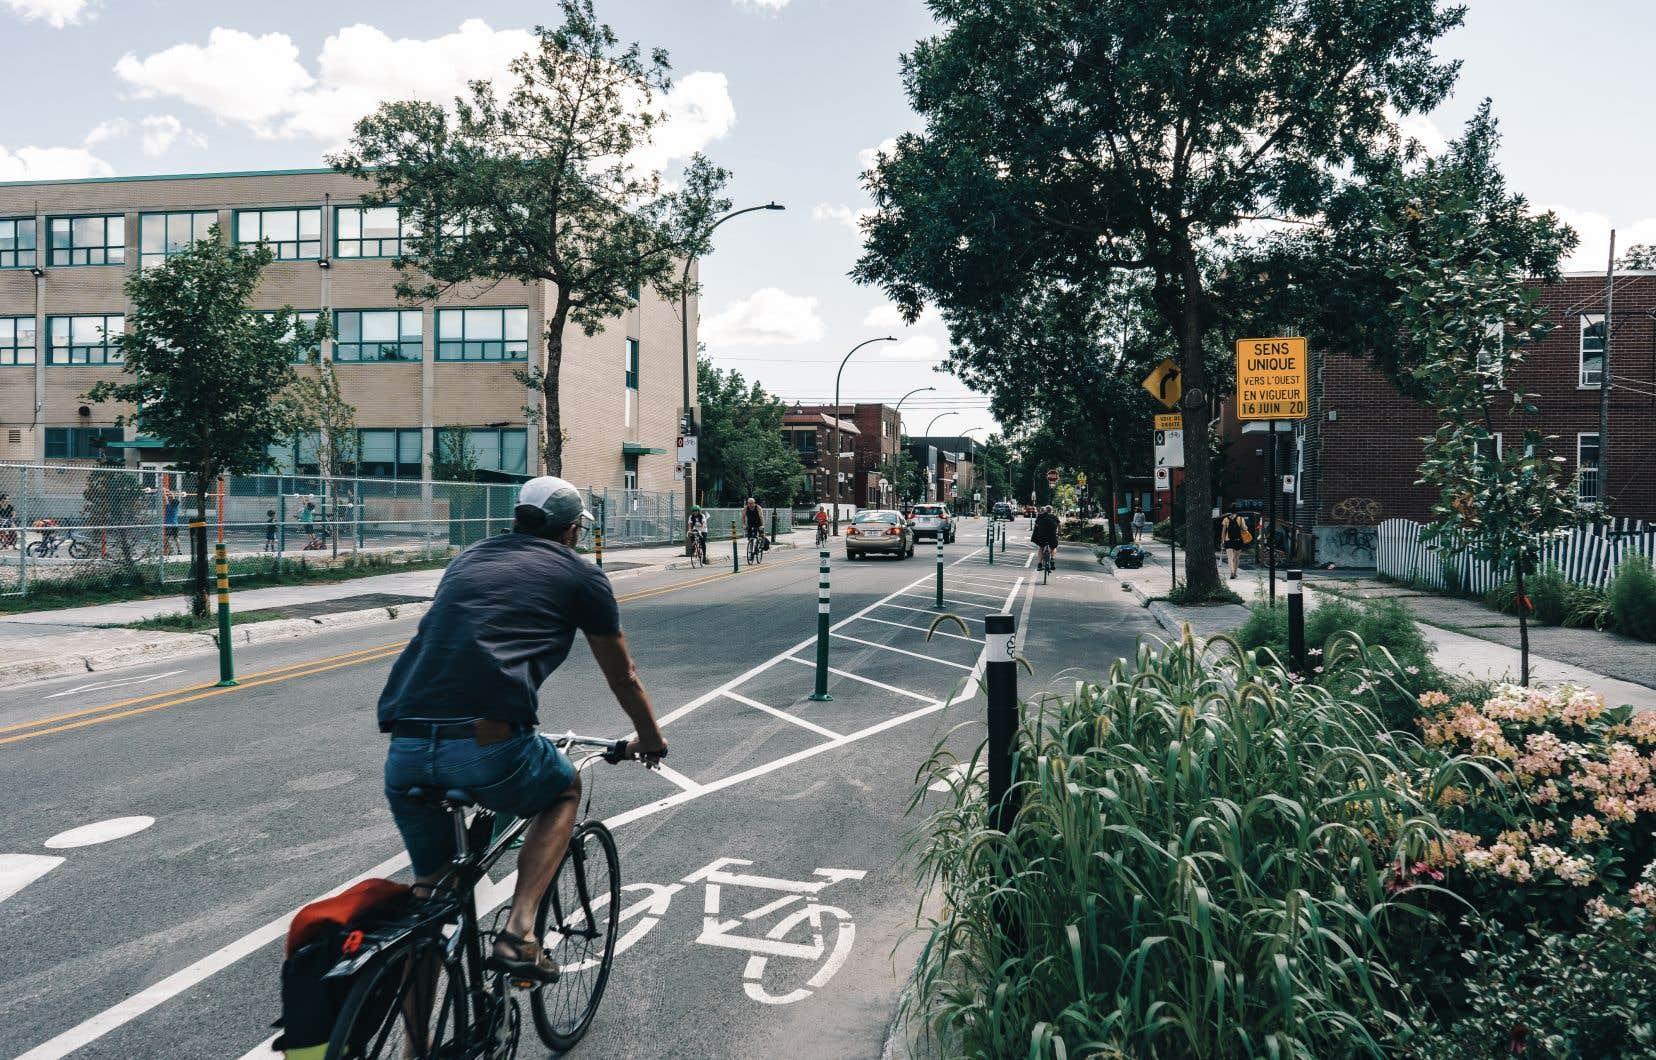 Une ville intelligente pourrait se baser sur des modèles pour prédire les conséquences d'un changement, comme l'ajout d'une piste cyclable.